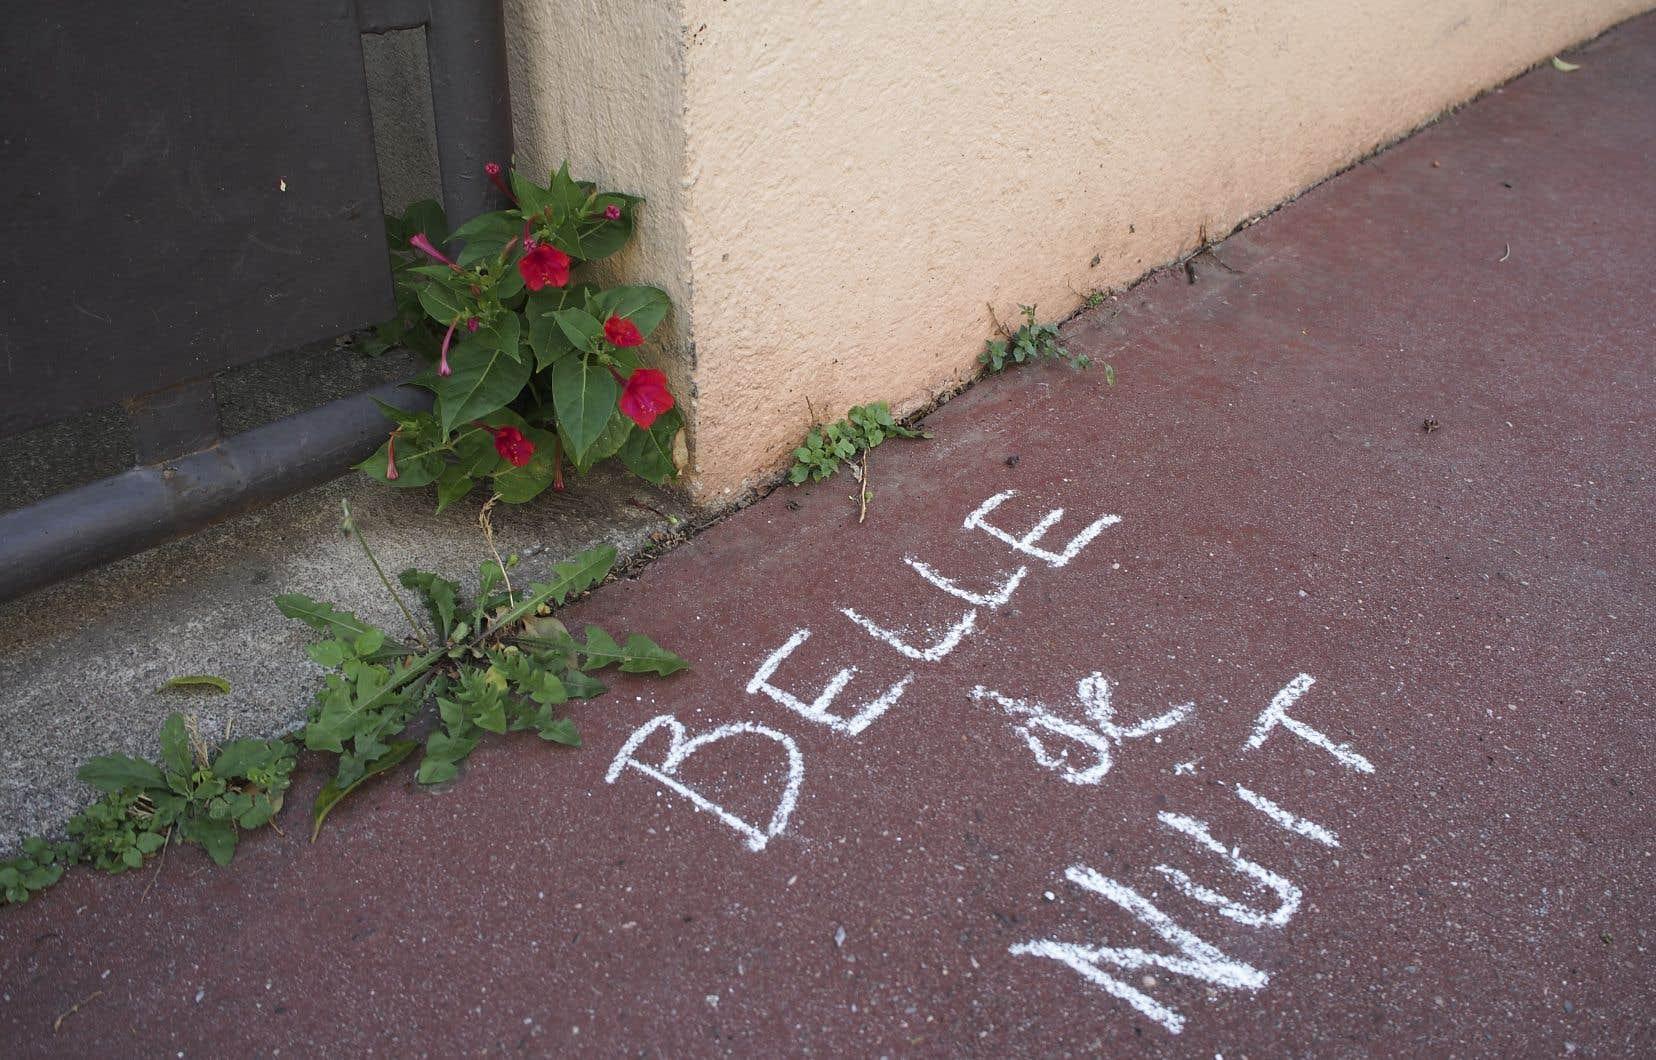 Tout en respectant la rigueur scientifique, les deux graffiteurs de Toulouse ont voulu rendre la botanique accessible.